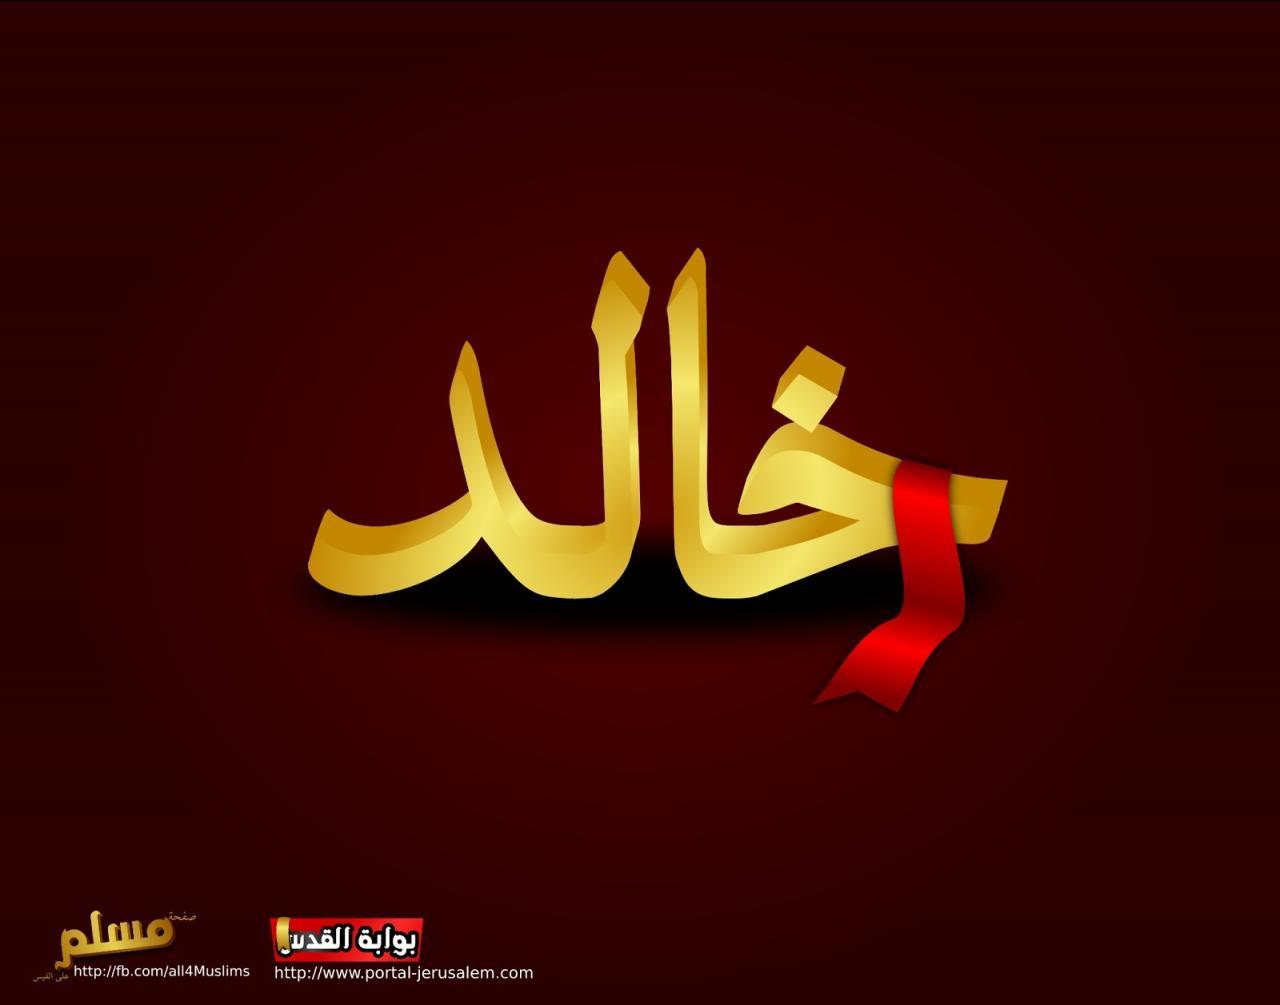 صورة صور اسم عون , خلفيات اسم عون جميله